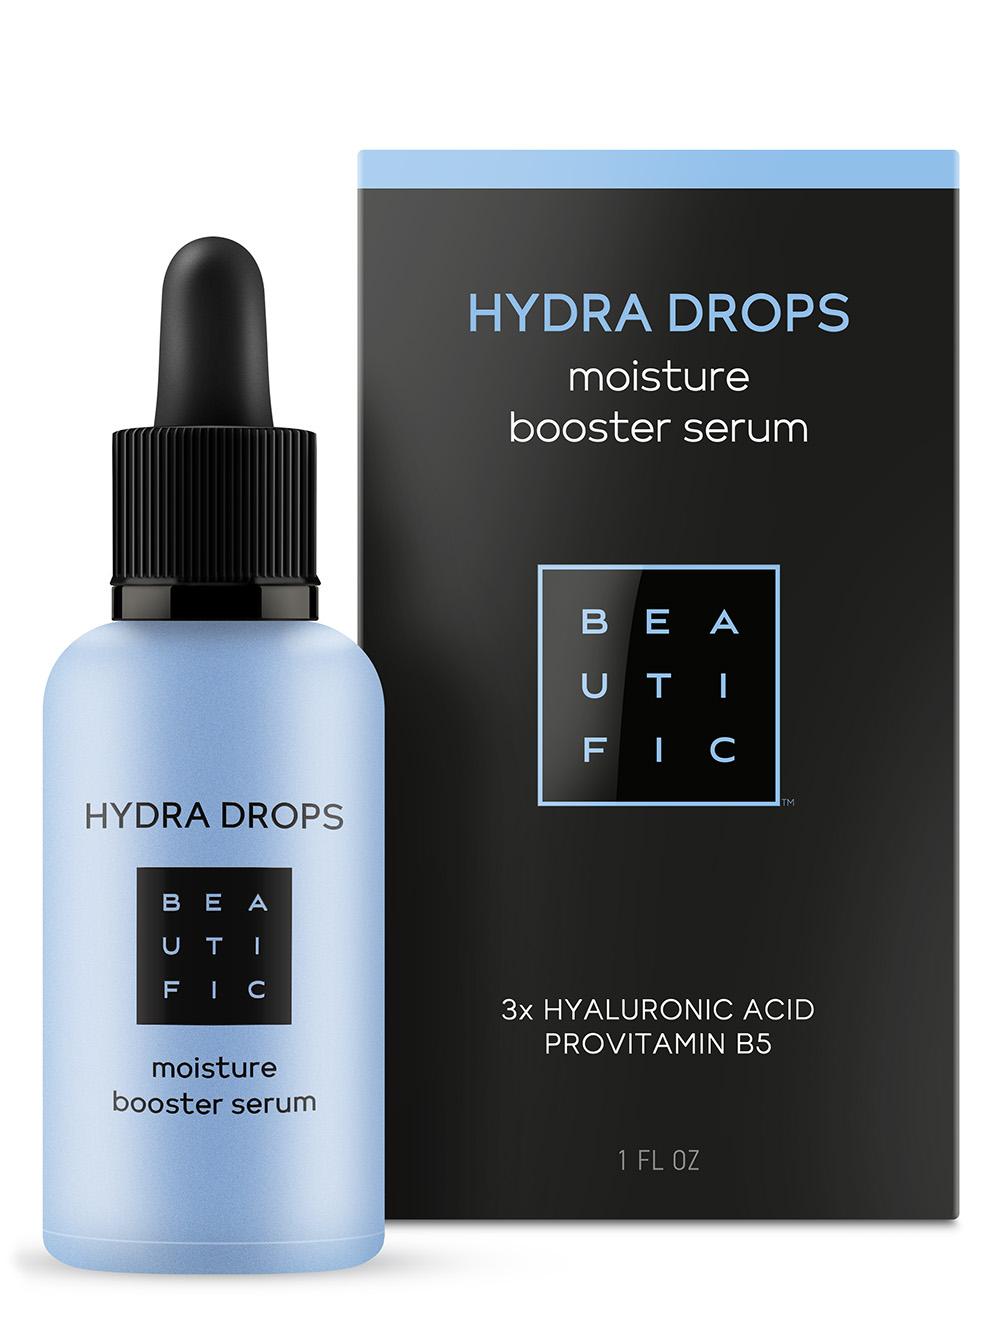 BEAUTIFIC Сыворотка-бустер для увлажнения с 3 видами гиалуроновой кислоты и витамином В5 / Hydra Drops 30 мл фото